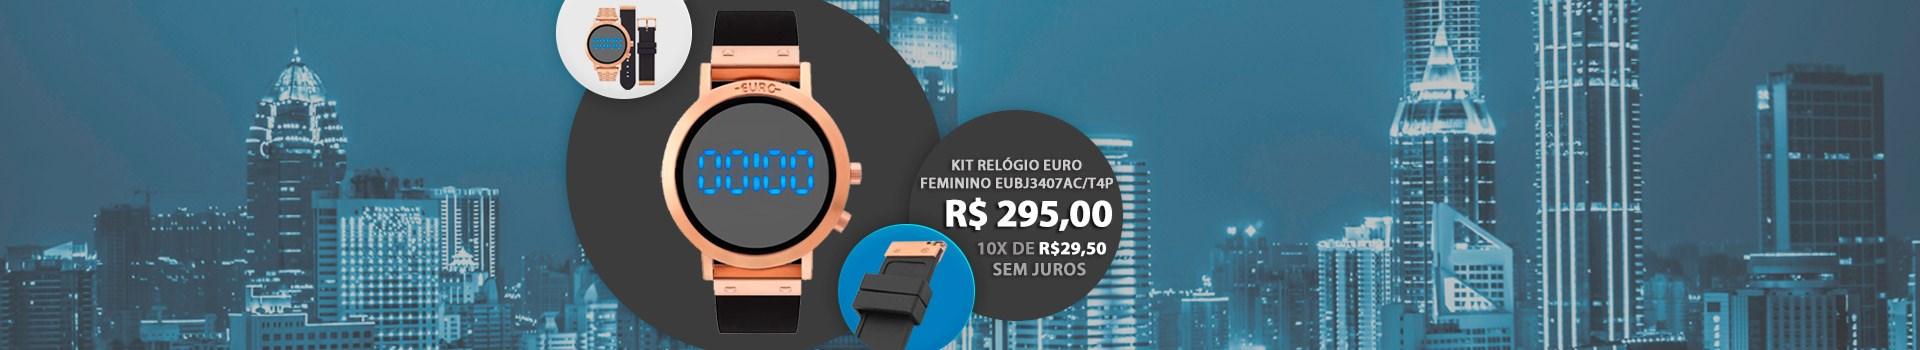 Kit Euro